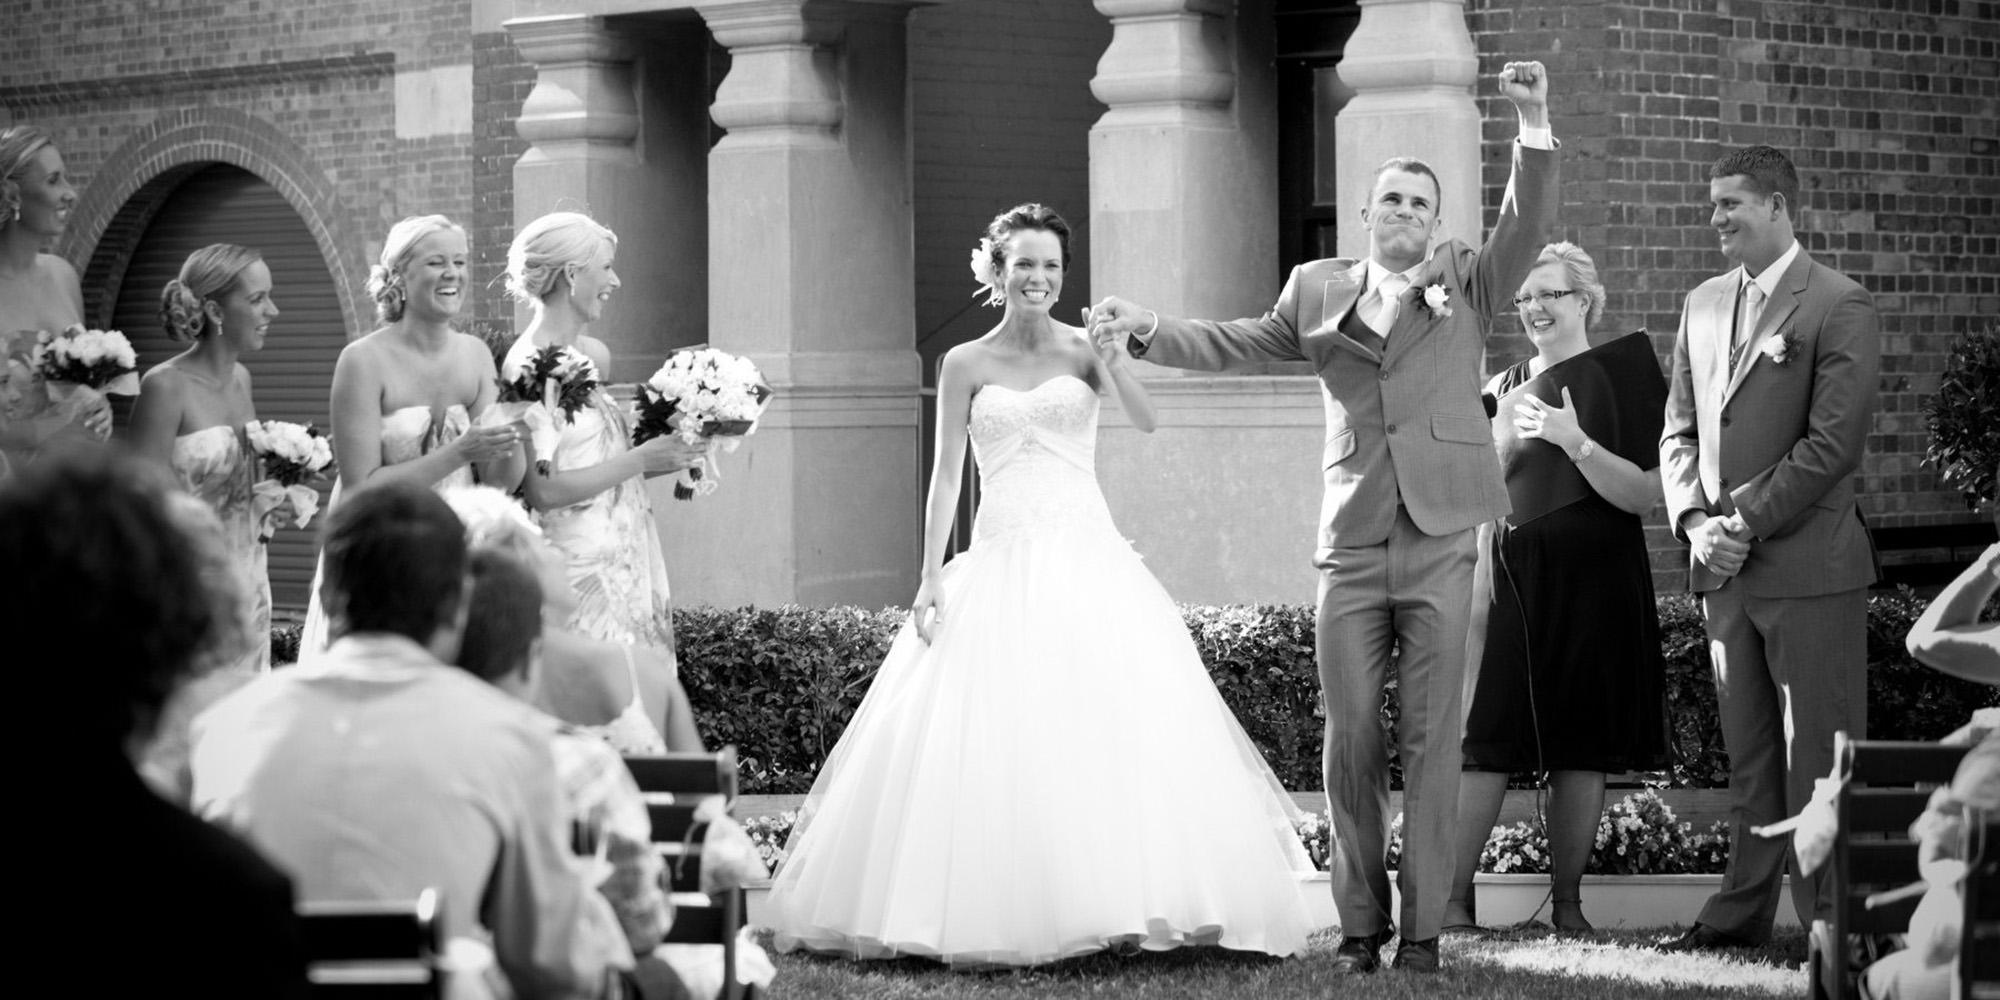 Margo-Hickman-Celebrant-married-couple